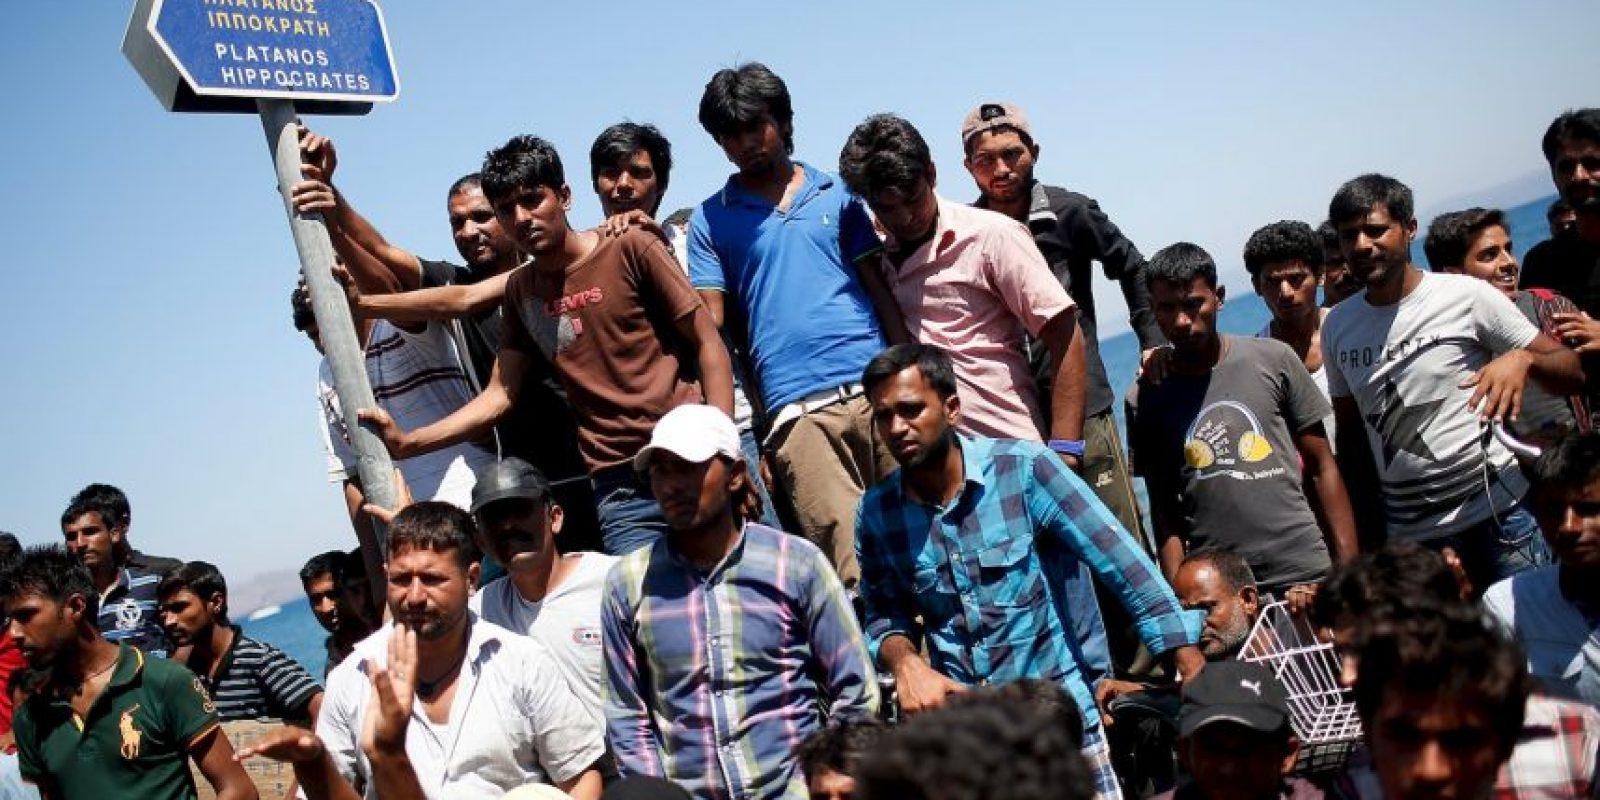 Los países atendieron al llamado de la ONU, que solicitó apoyo con los refugiados. Foto:Getty Images